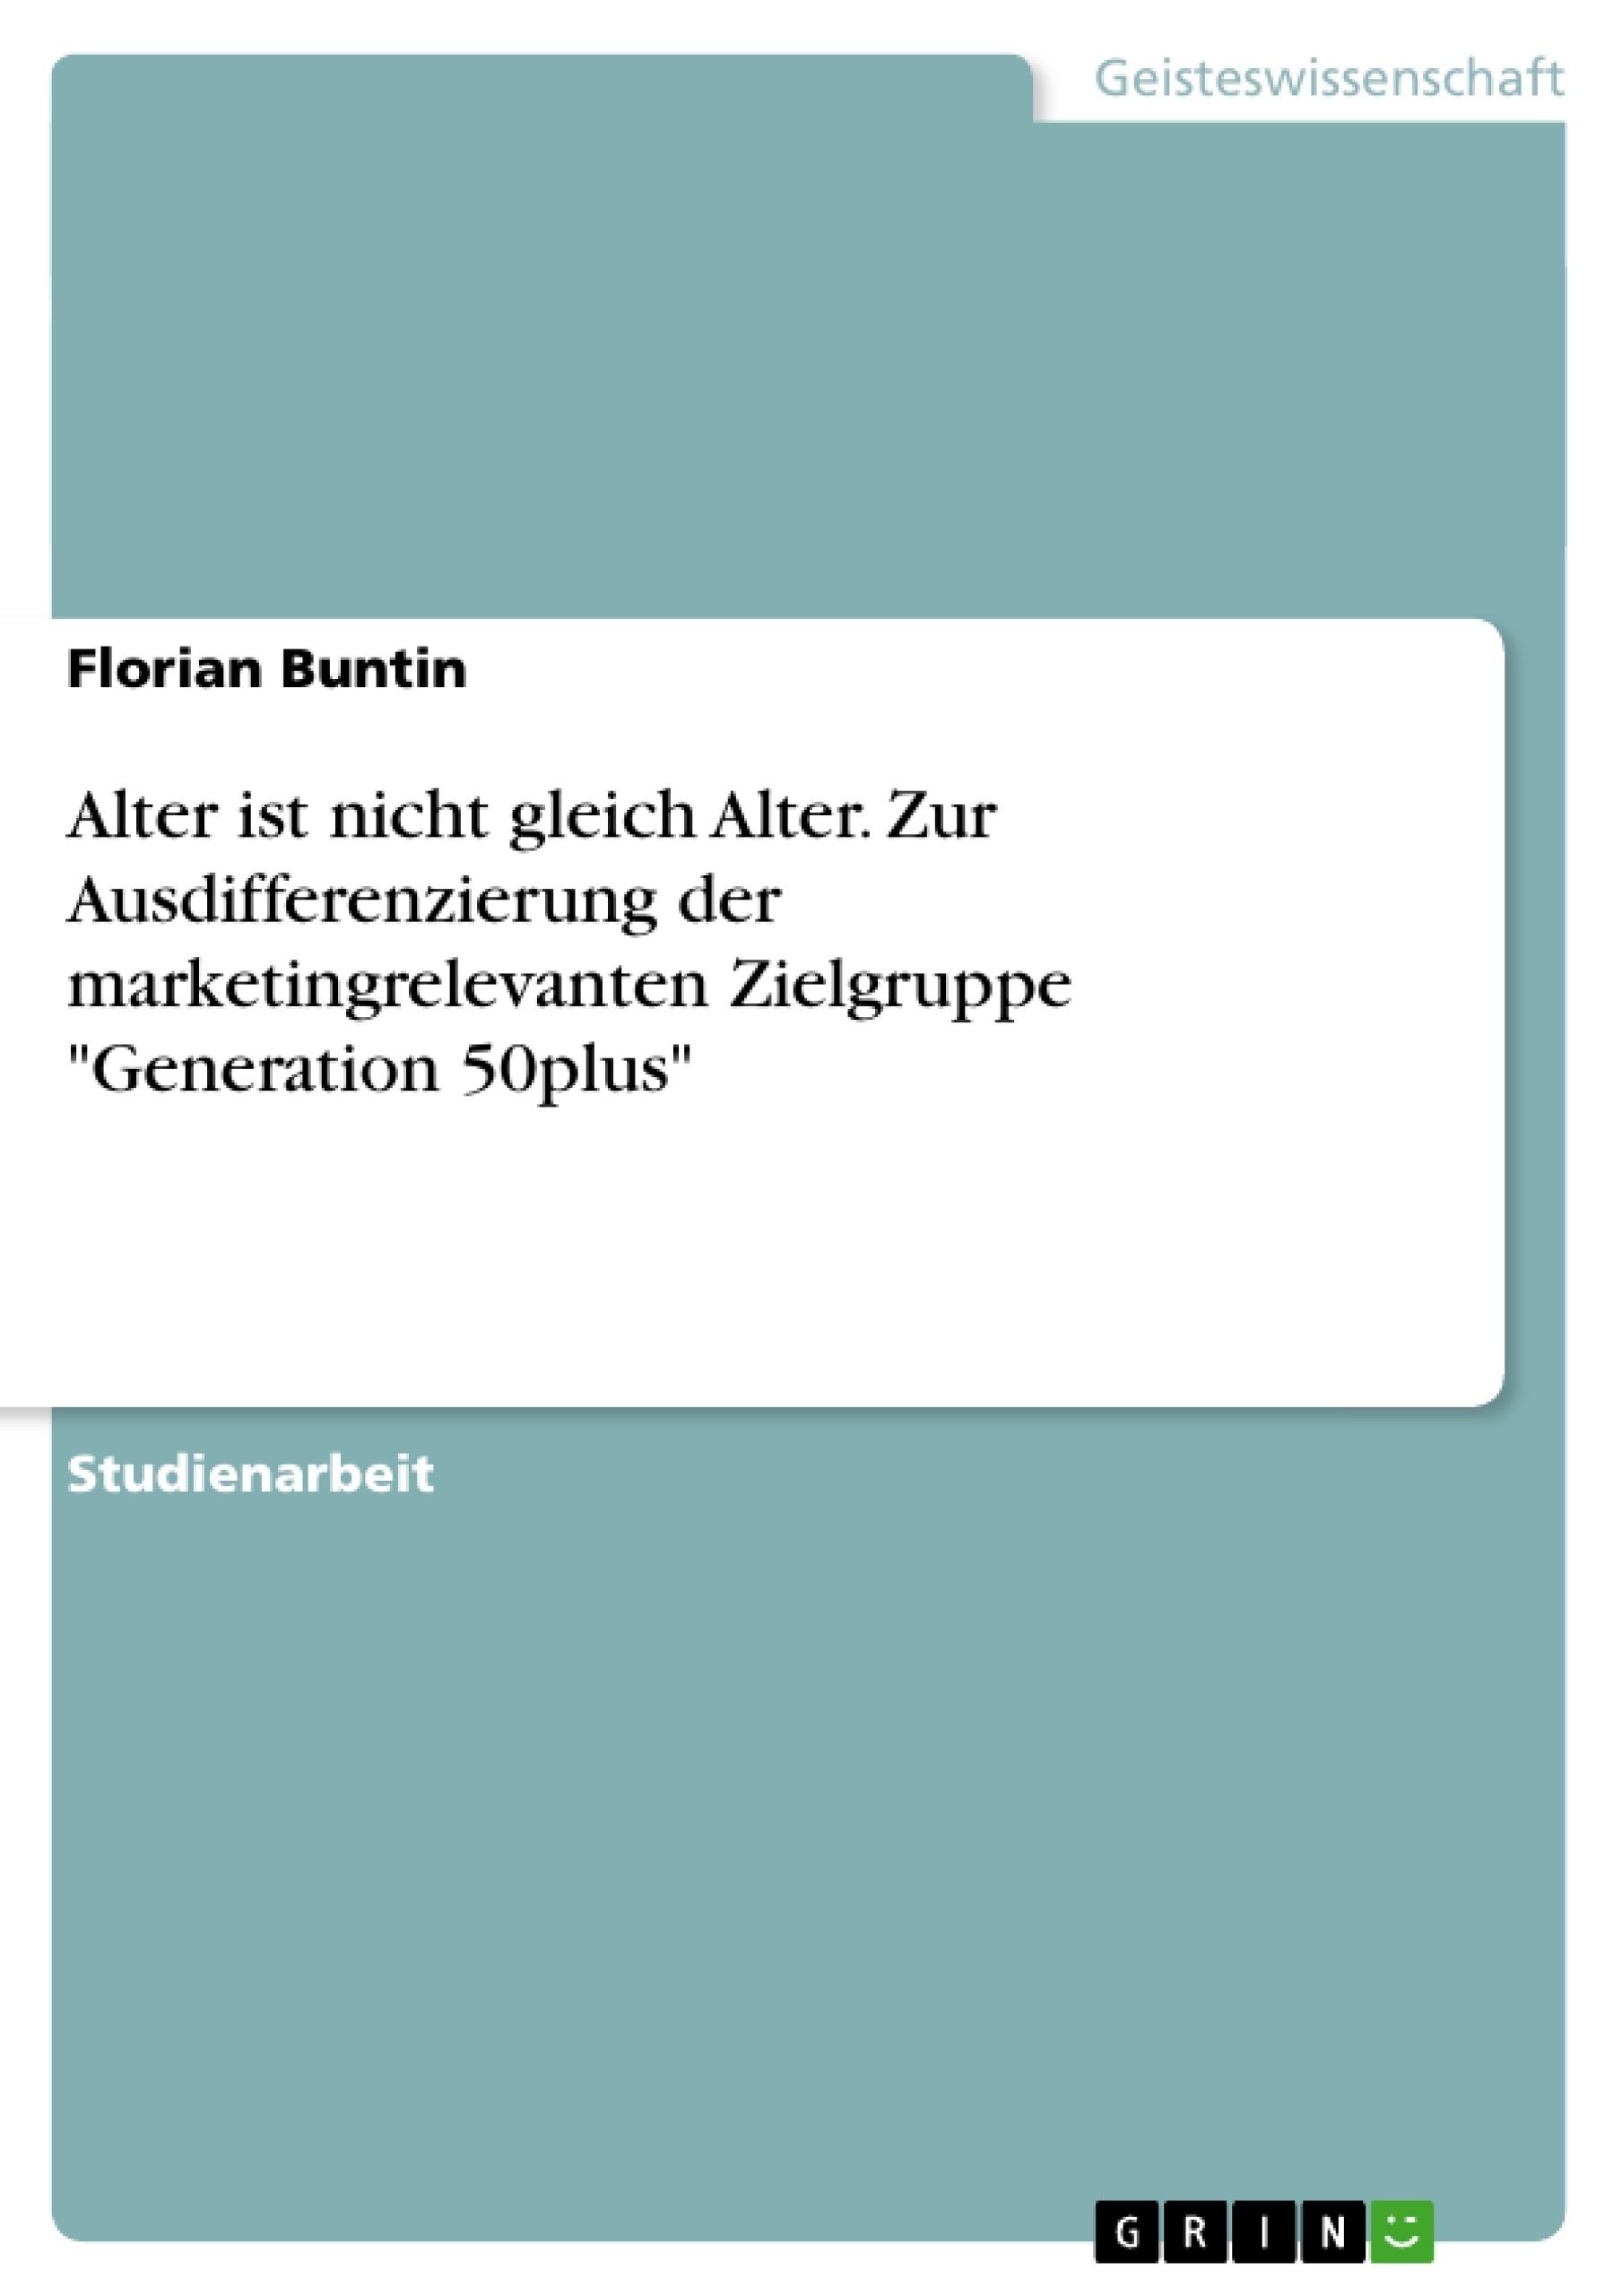 """Titel: Alter ist nicht gleich Alter. Zur Ausdifferenzierung der marketingrelevanten Zielgruppe """"Generation 50plus"""""""